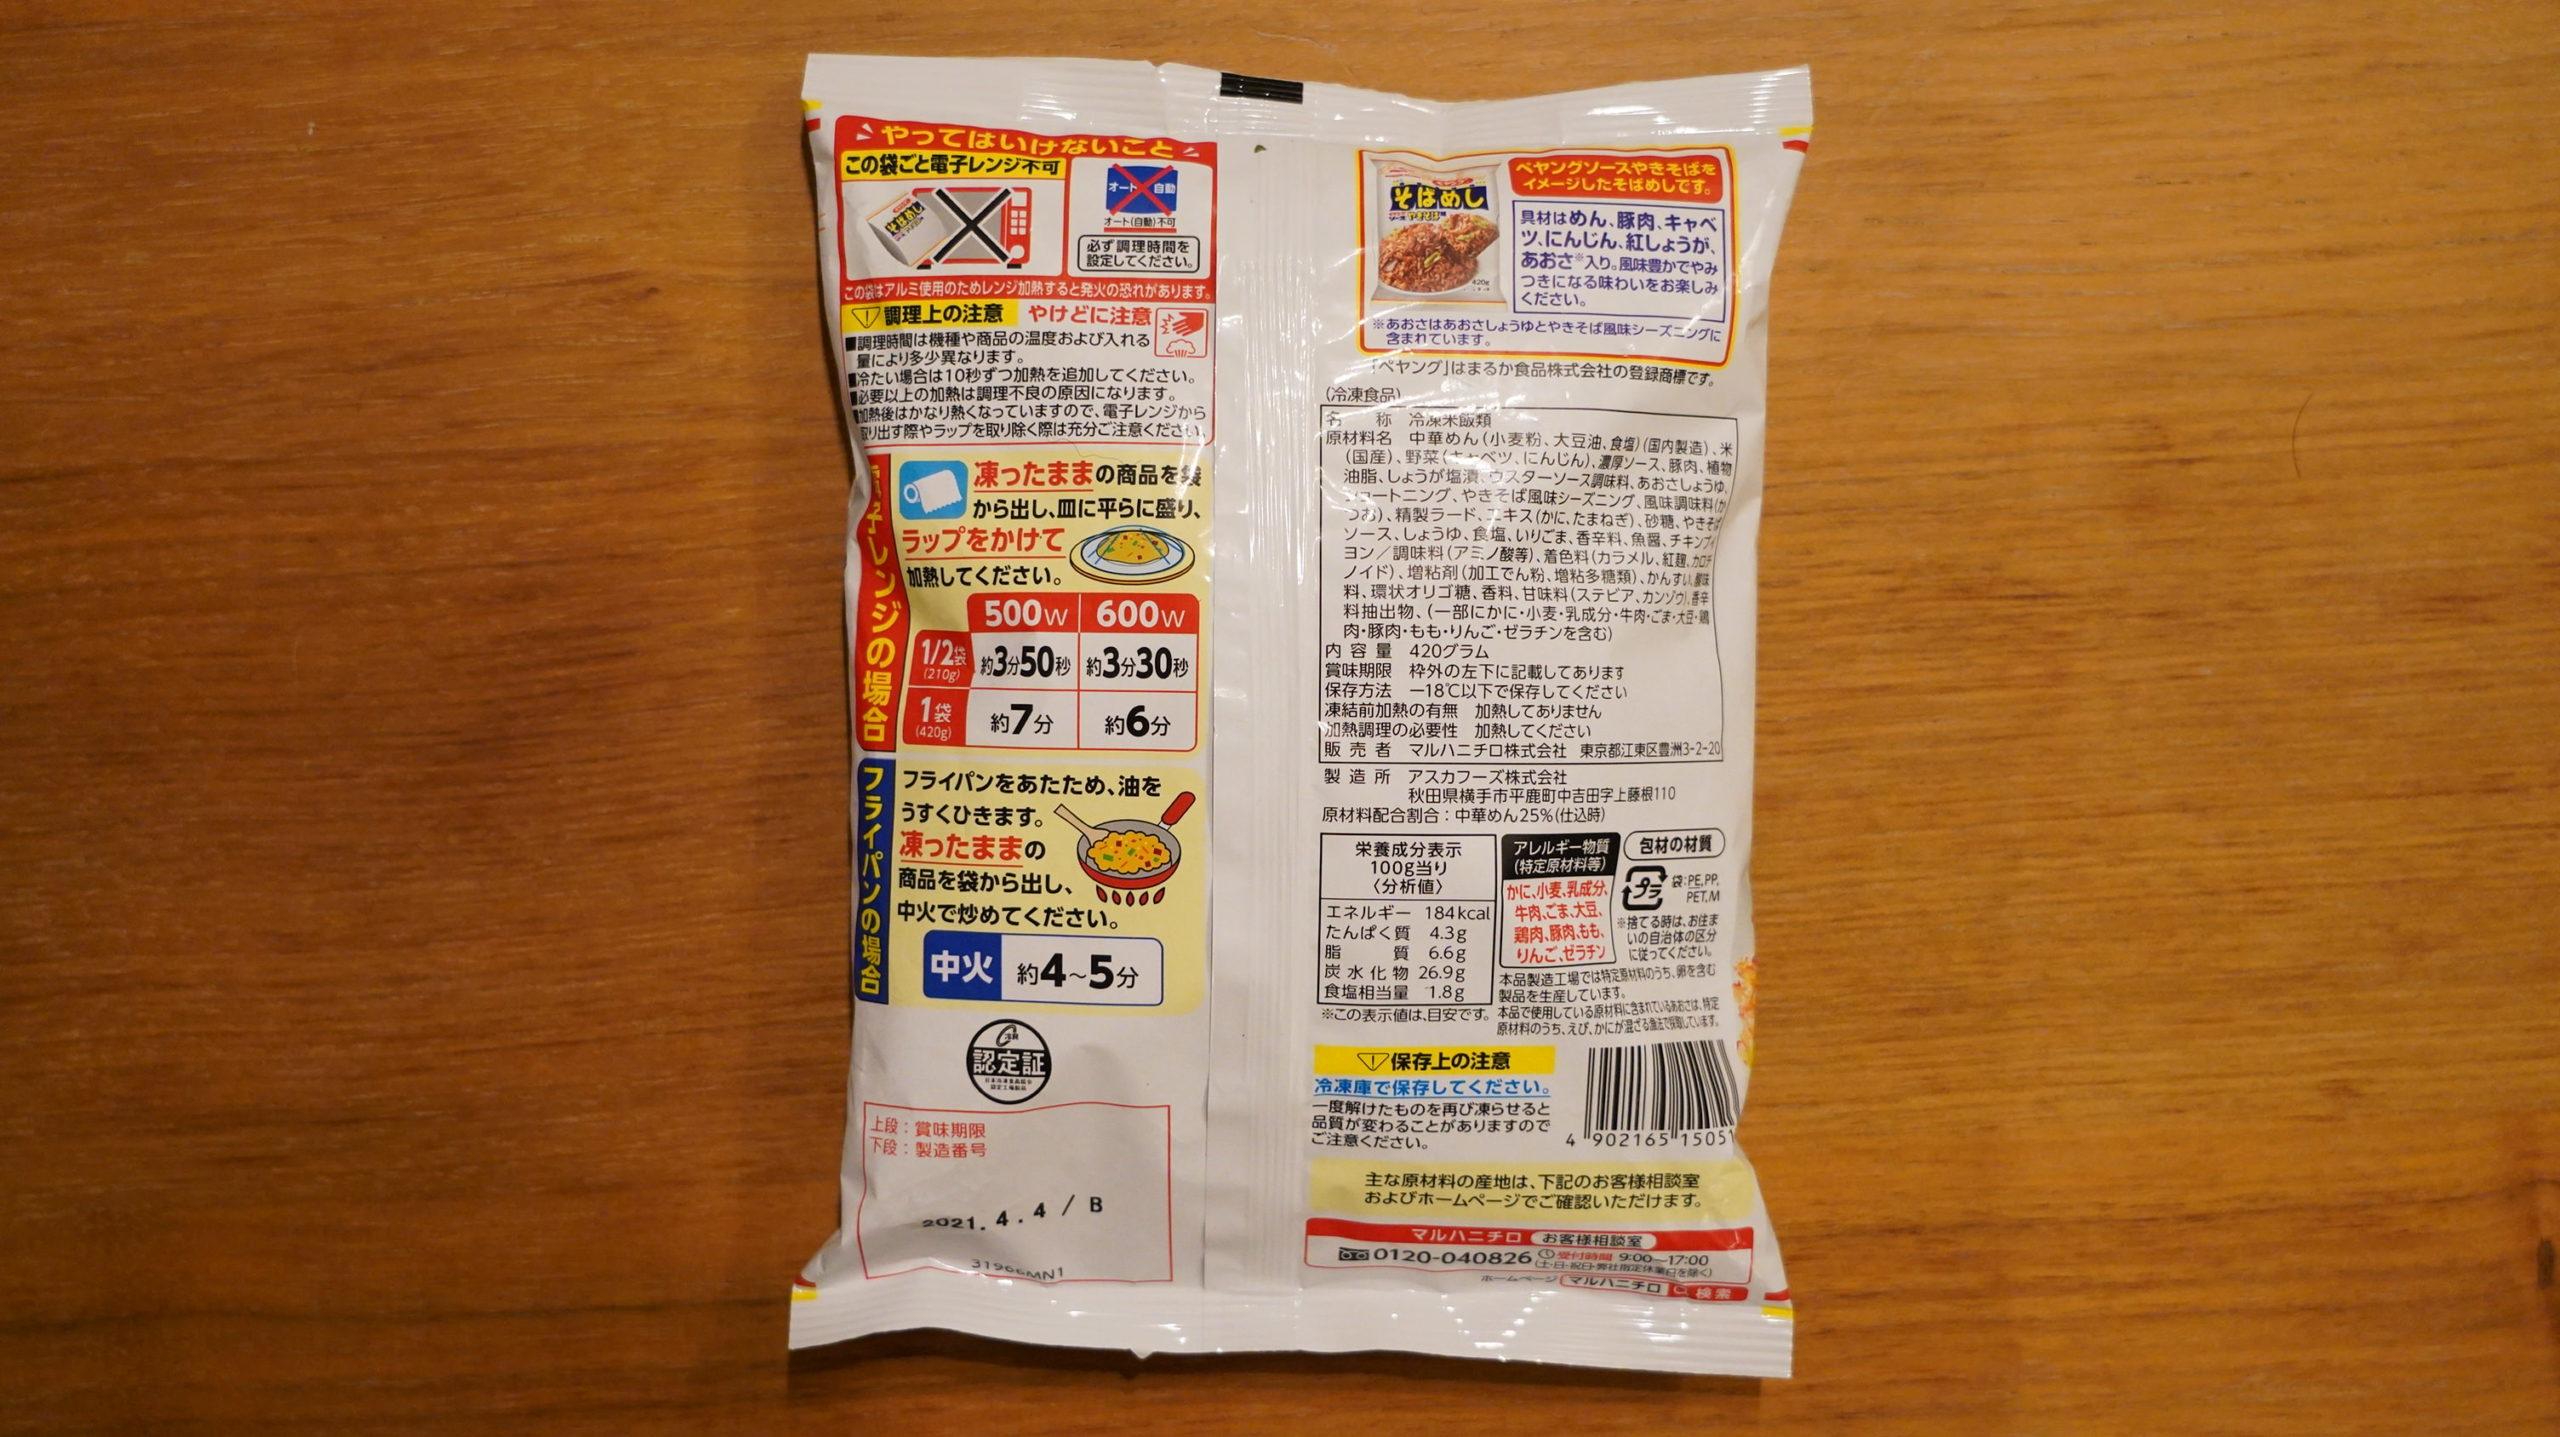 ペヤングとマルハニチロのコラボ「そばめし」冷凍食品のパッケージ裏面の写真